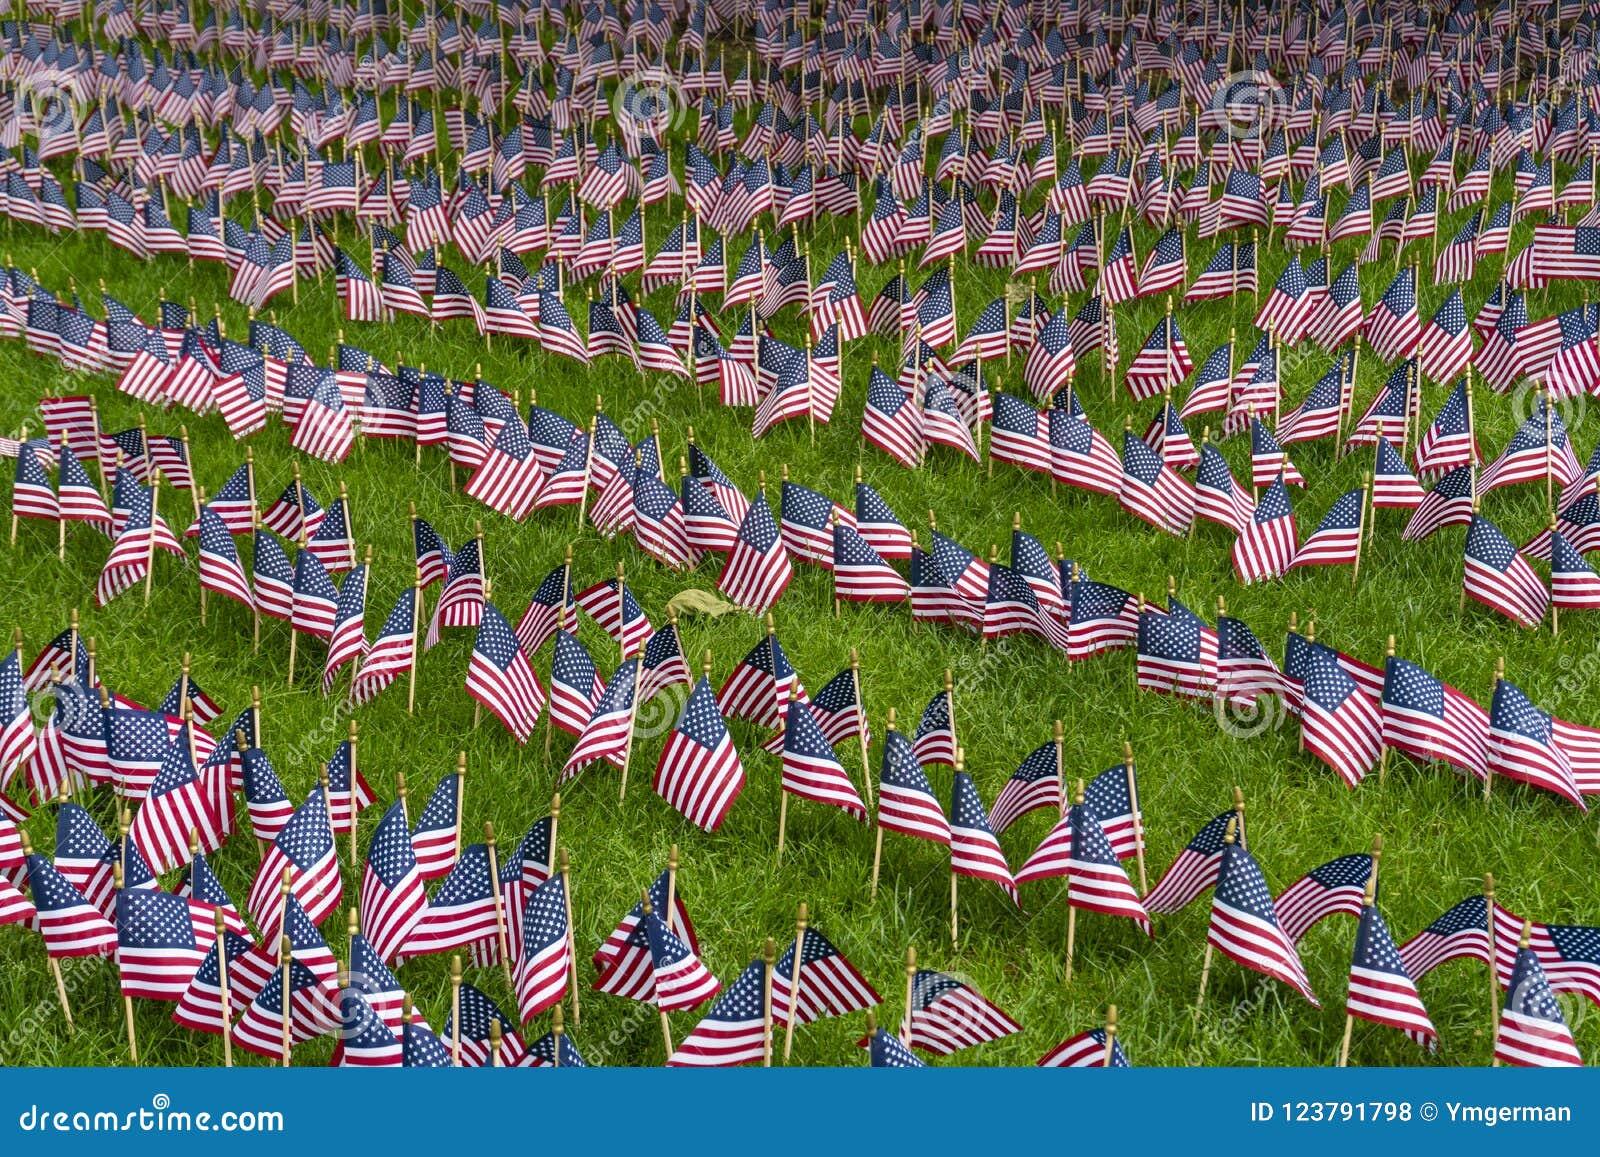 Ampuły grupa flaga amerykańskie na gazonie